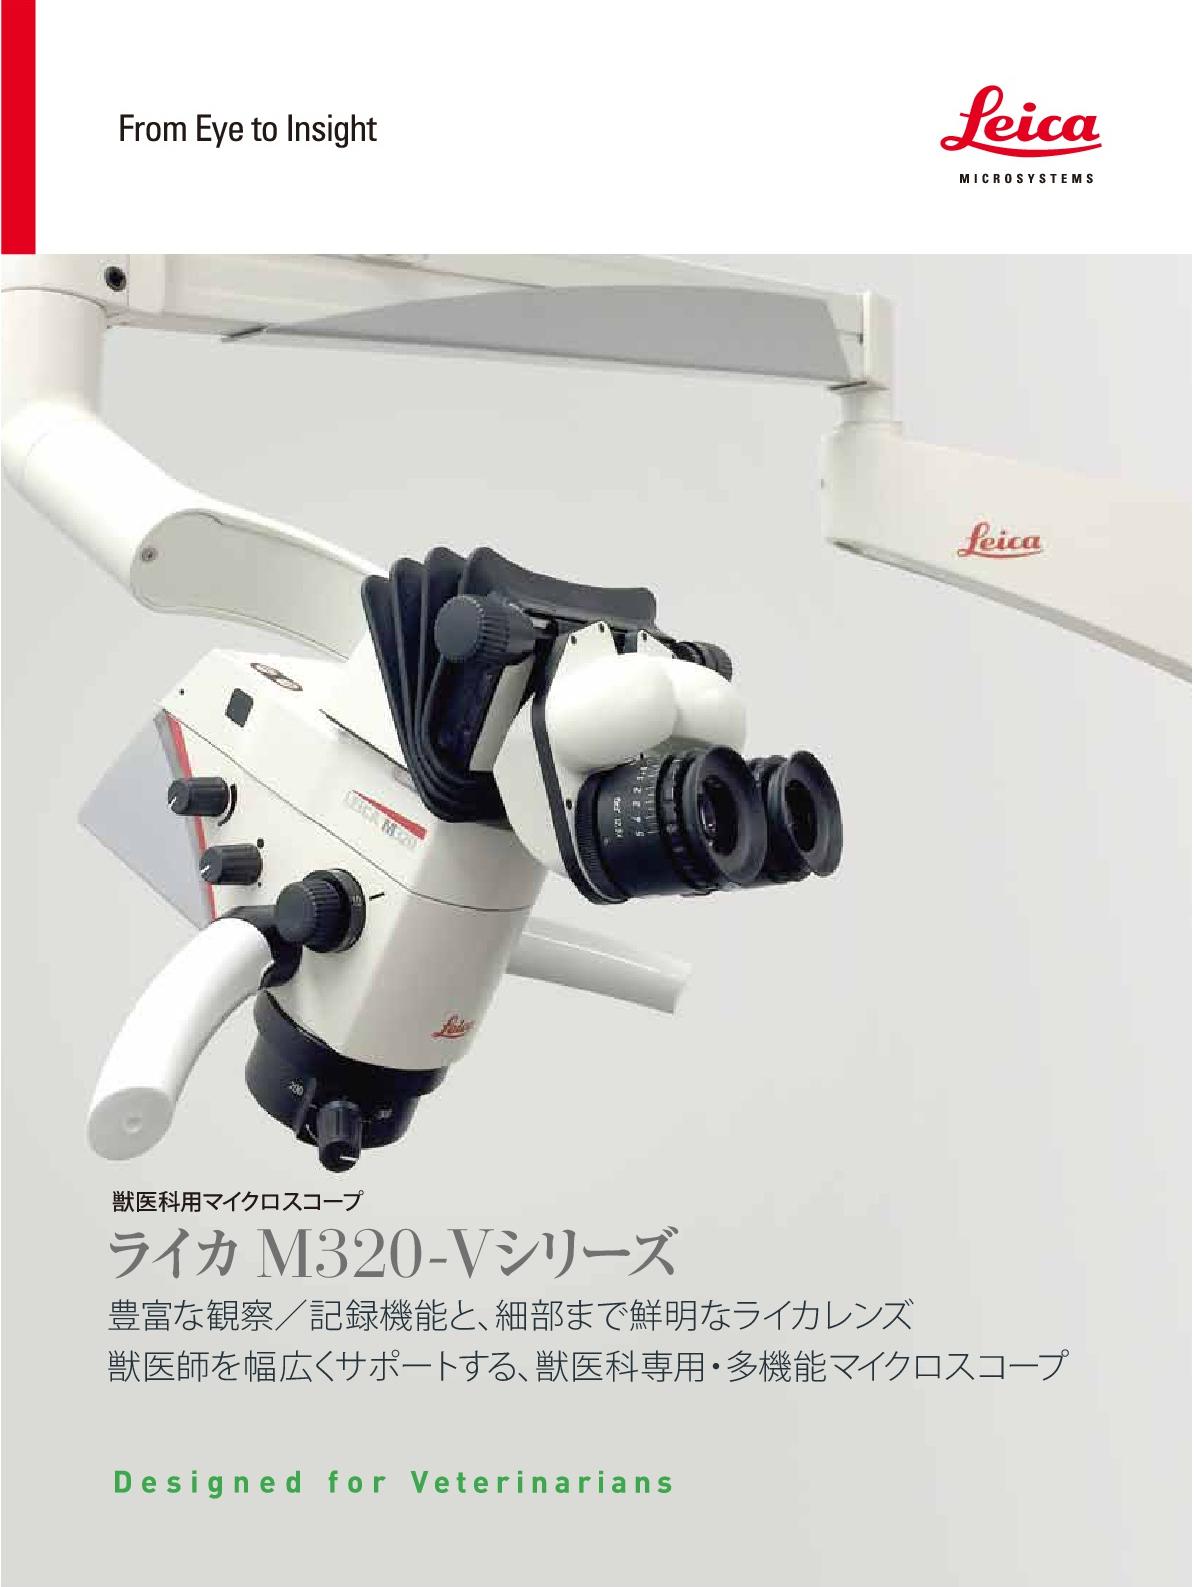 ダウンロード/獣医科用マイクロスコープ  Leica M320-V カタログ